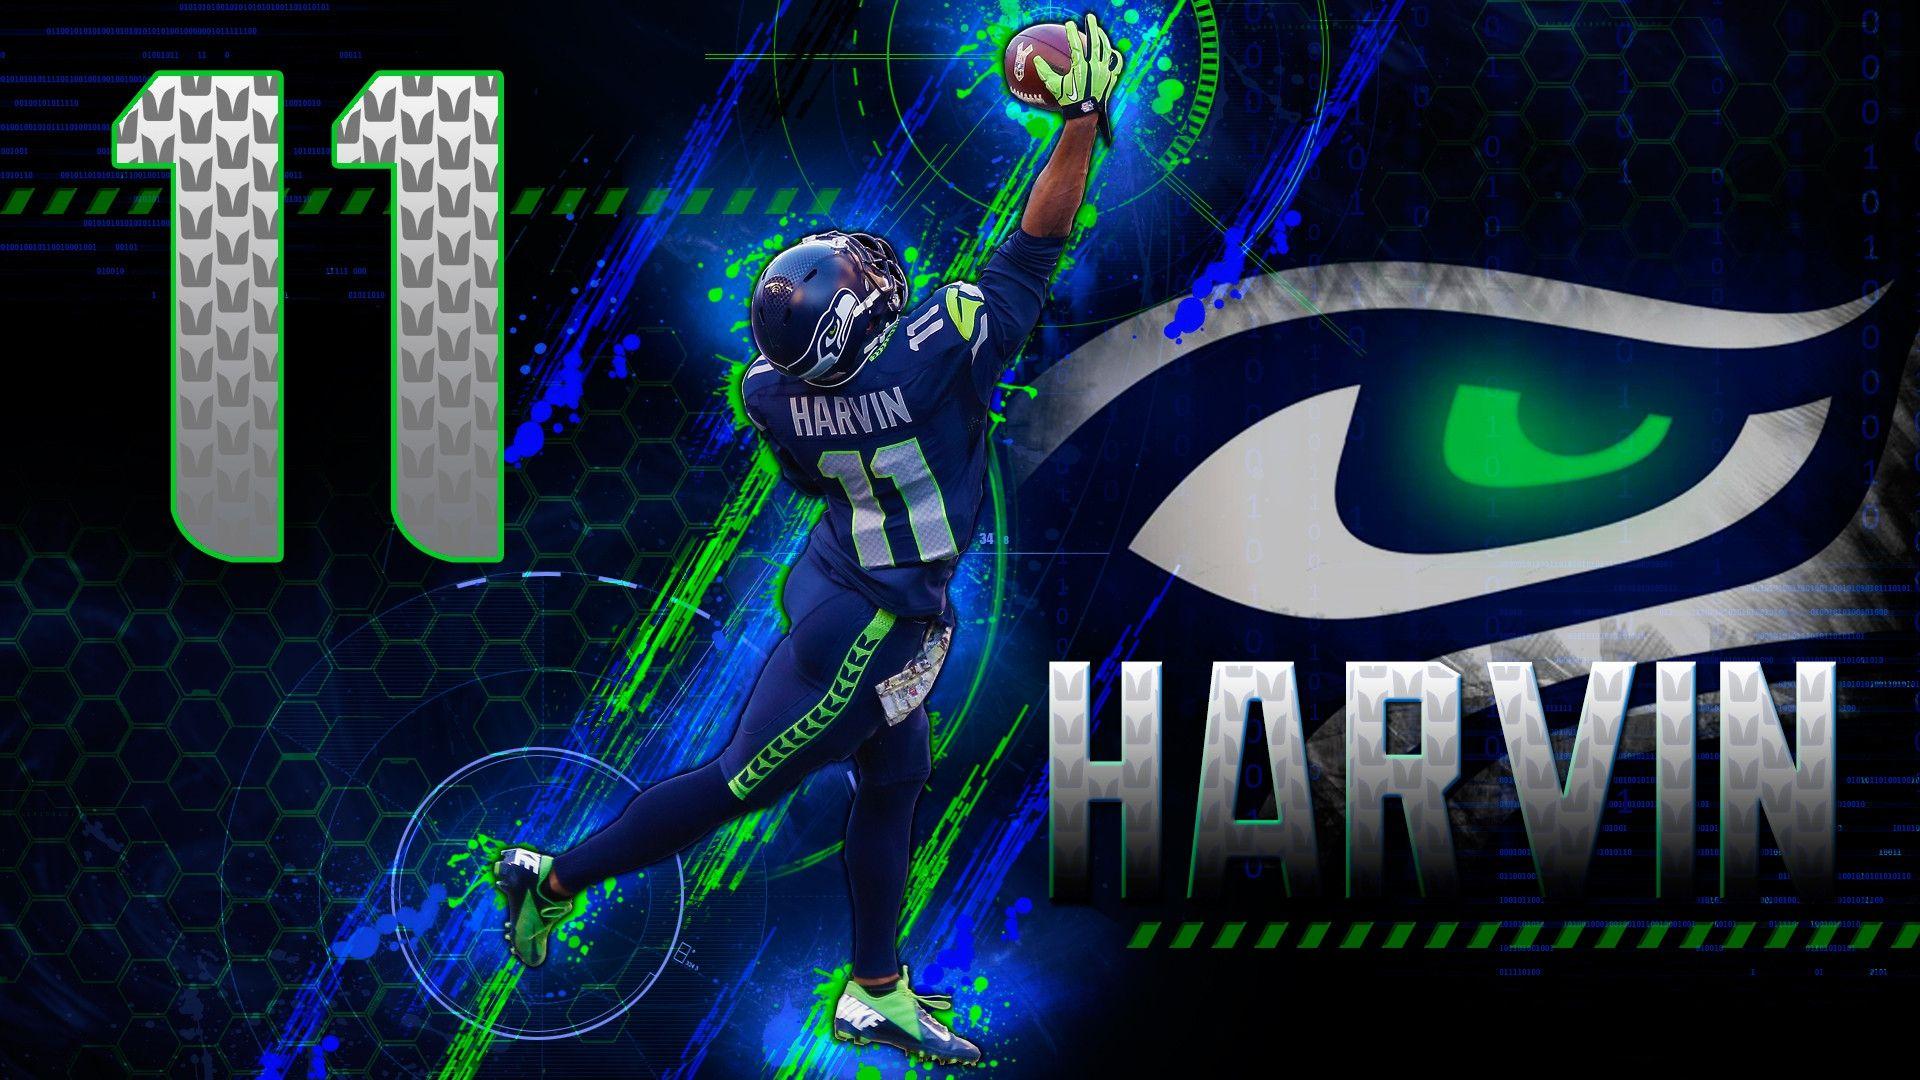 Seattle Seahawks pc wallpaper